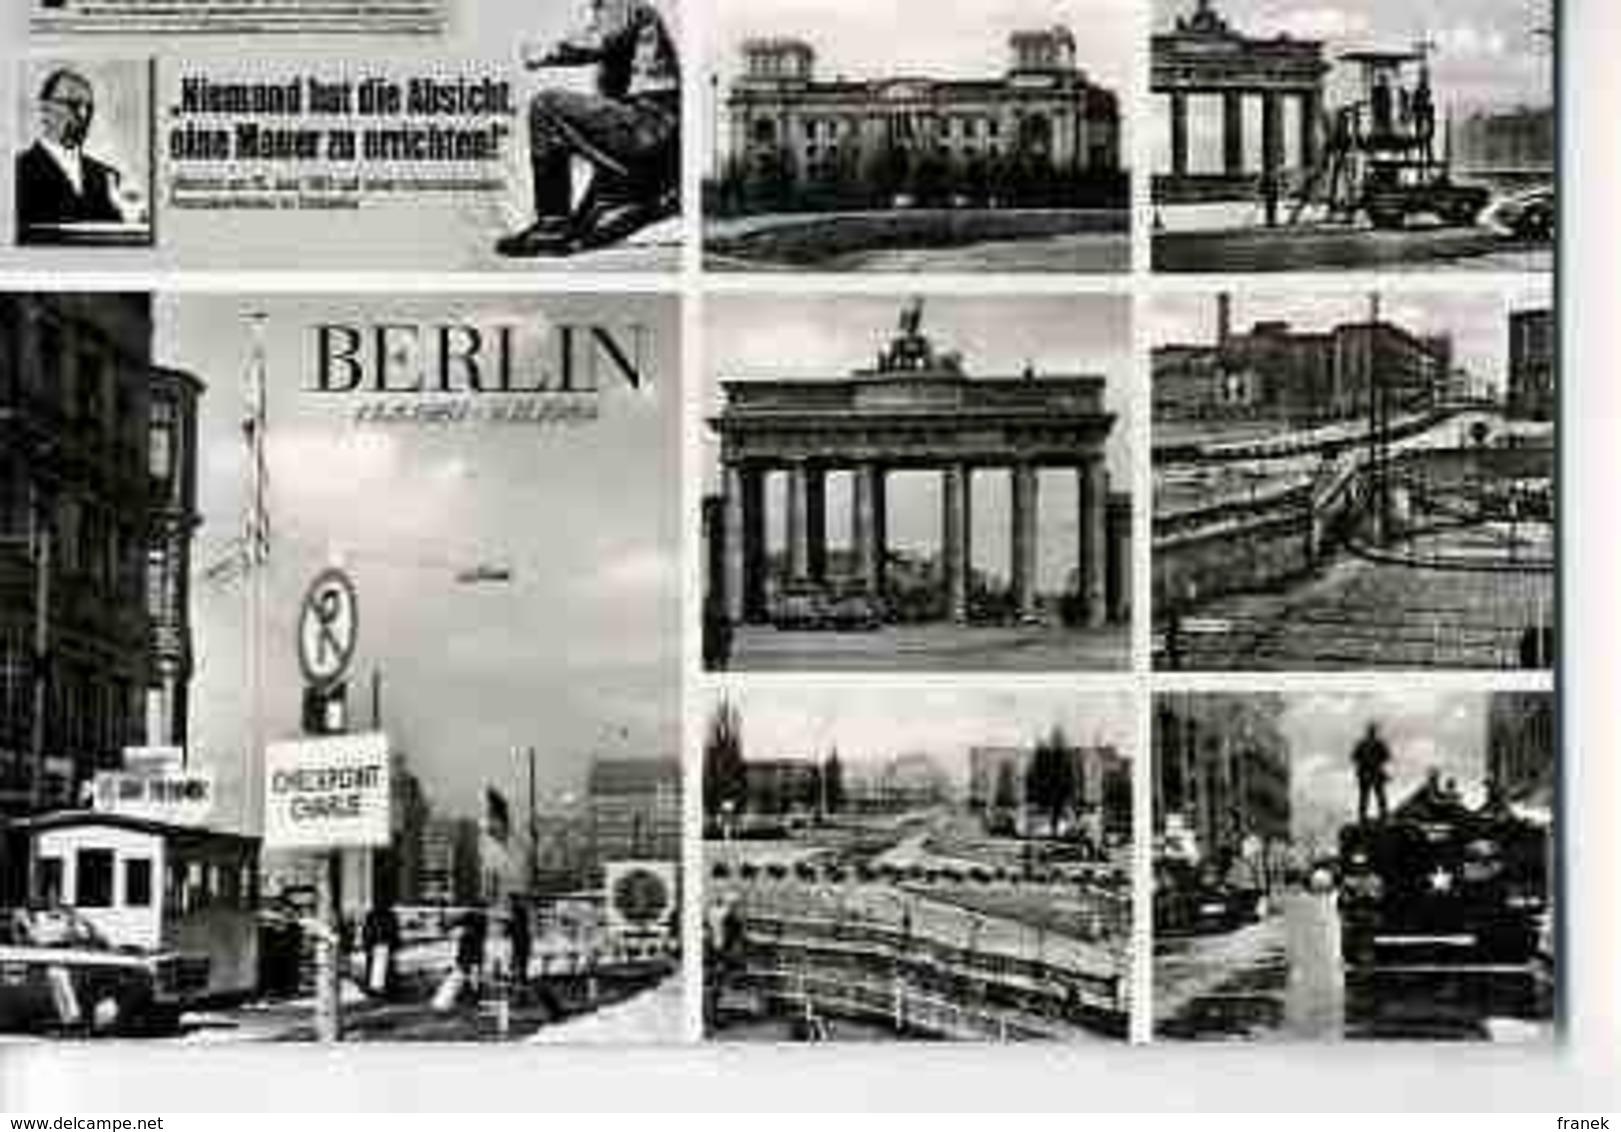 D640 - BERLIN - Mauerbau 1961 - Berliner Mauer